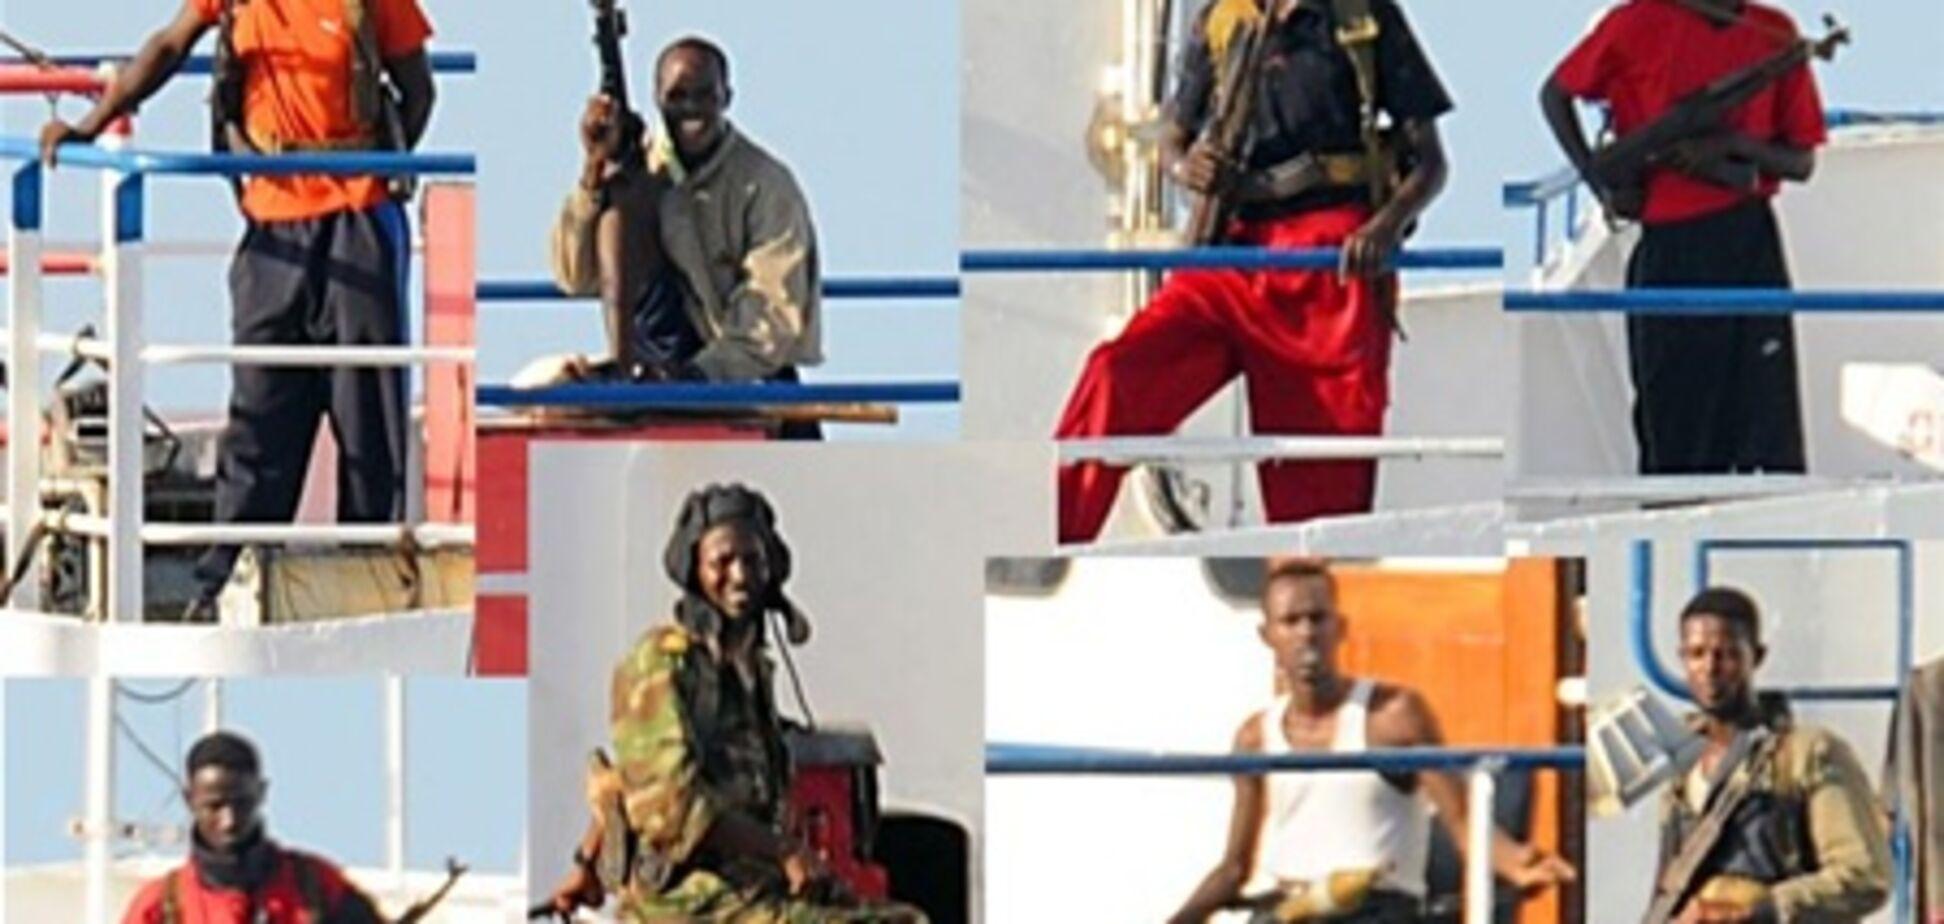 Сомалійські пірати відпустили 15 грузинських моряків. Через рік